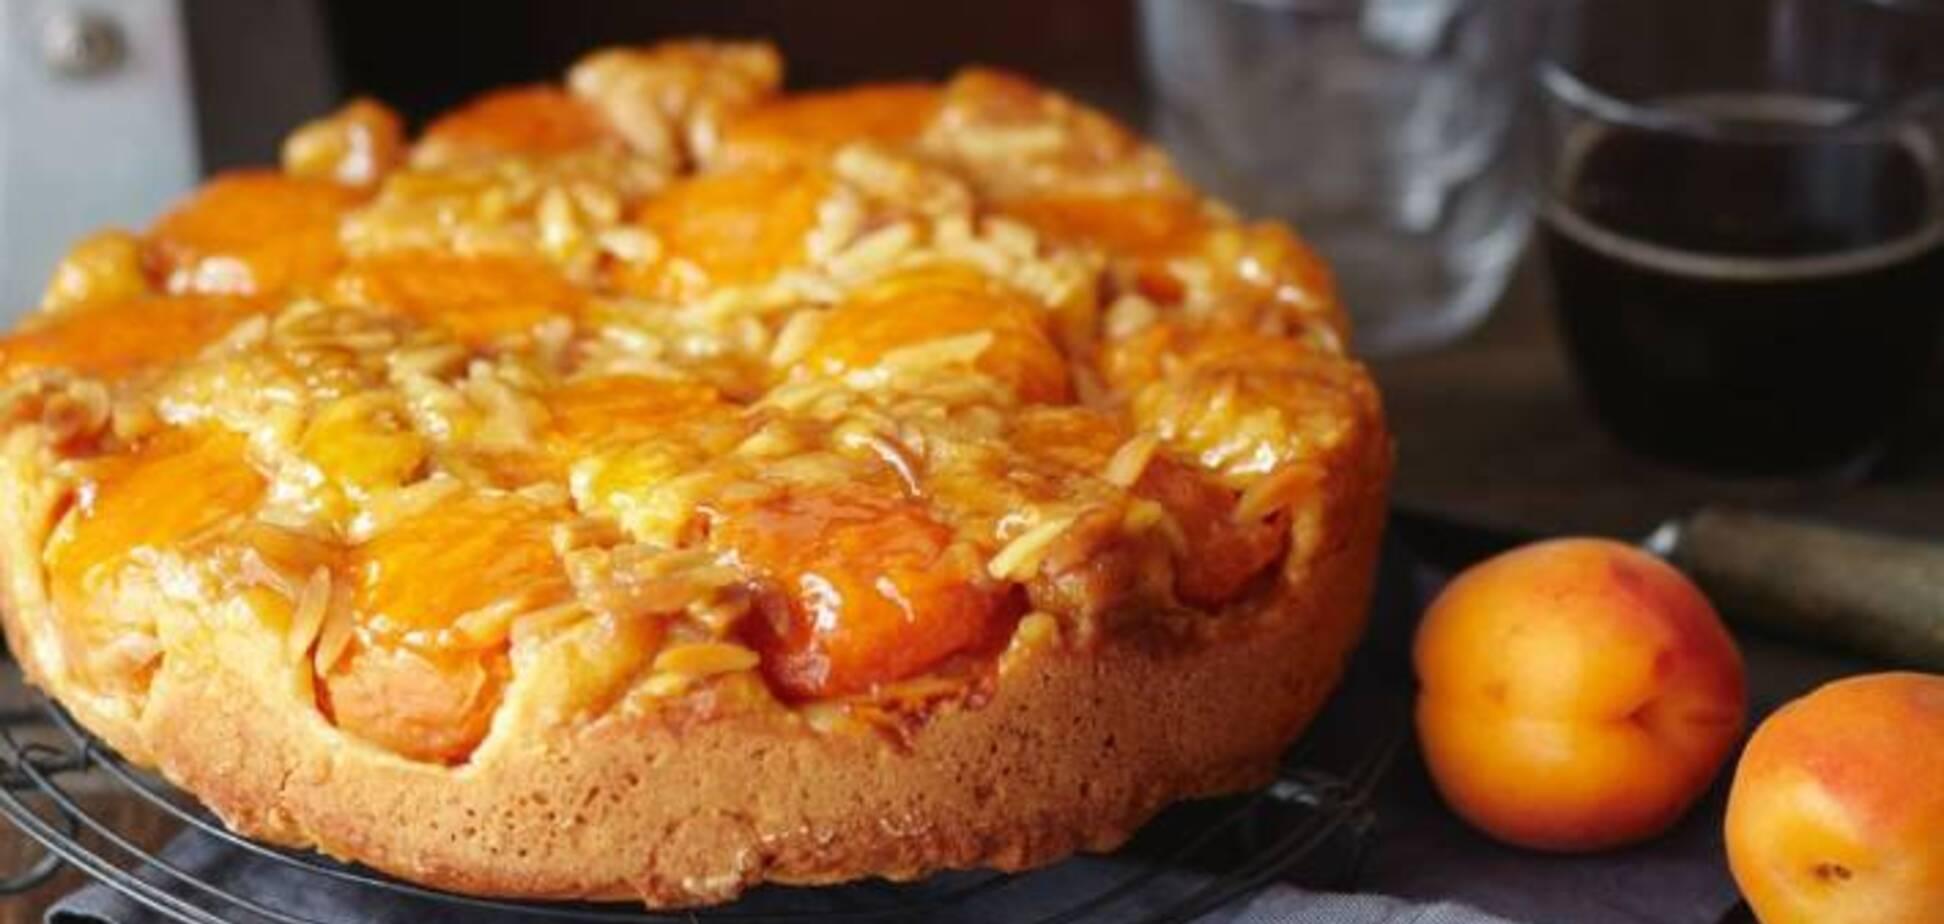 Актуальный рецепт пирога с абрикосами на кефире